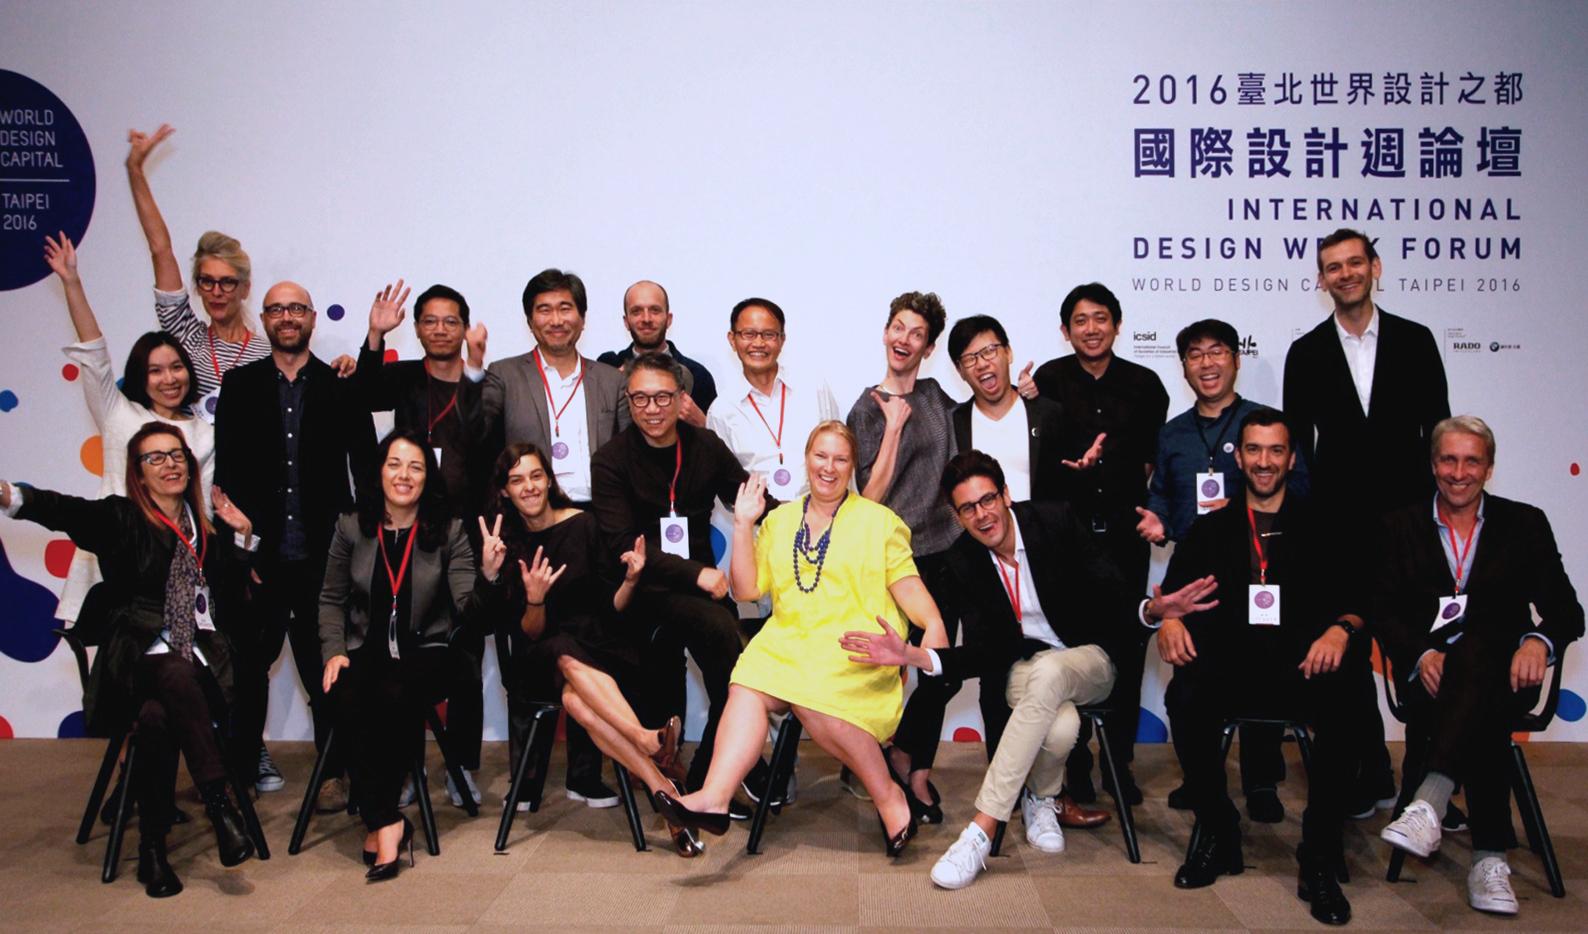 國際設計週論壇圓滿落幕,來自全球16大設計週頂尖策展人難得同台,留下創意大合照。 (1)